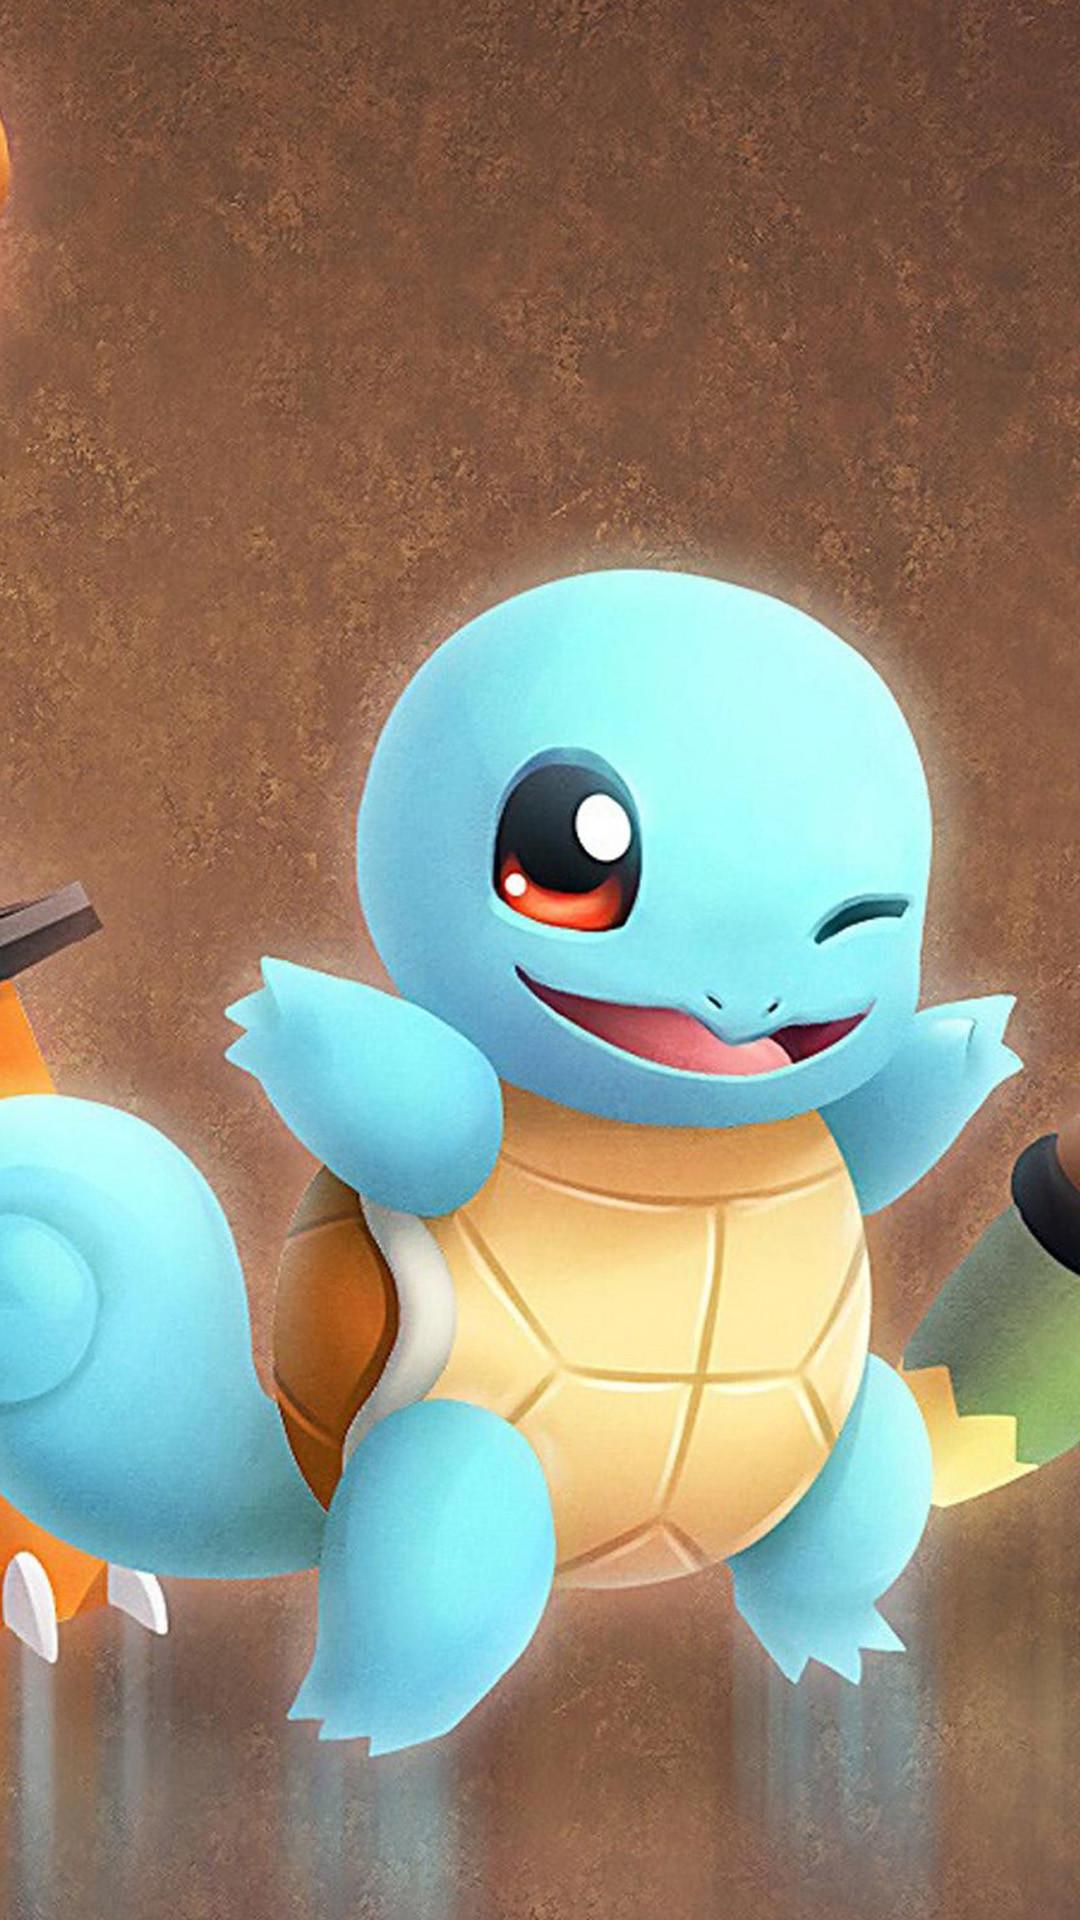 Cute Baby Turtle Wallpaper Iphone Cute Turtle Iphone 6 Plus